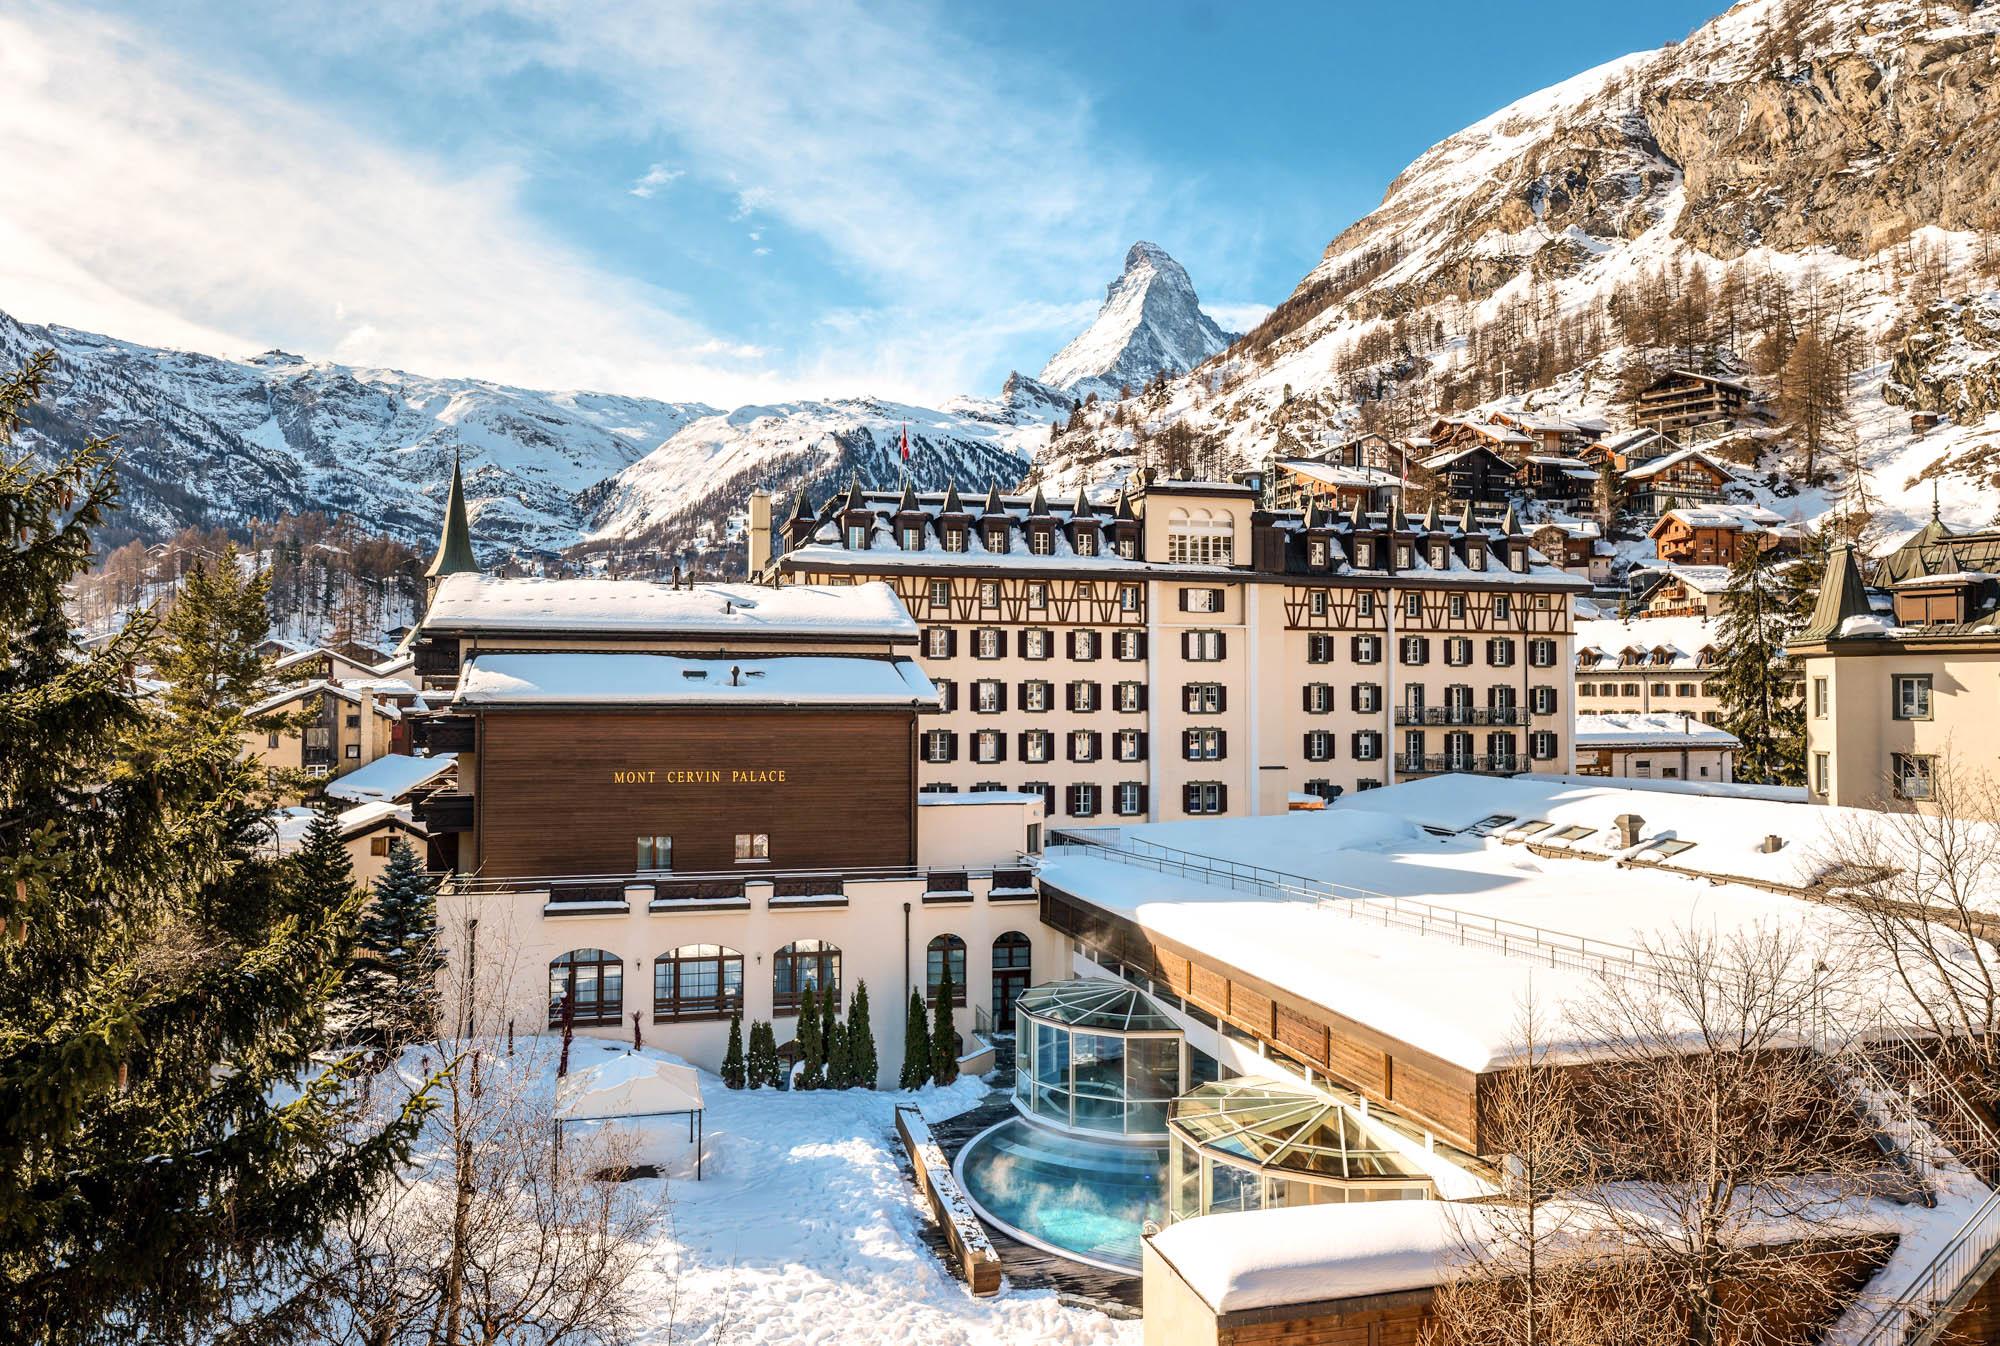 Mont Cervin Palace 0